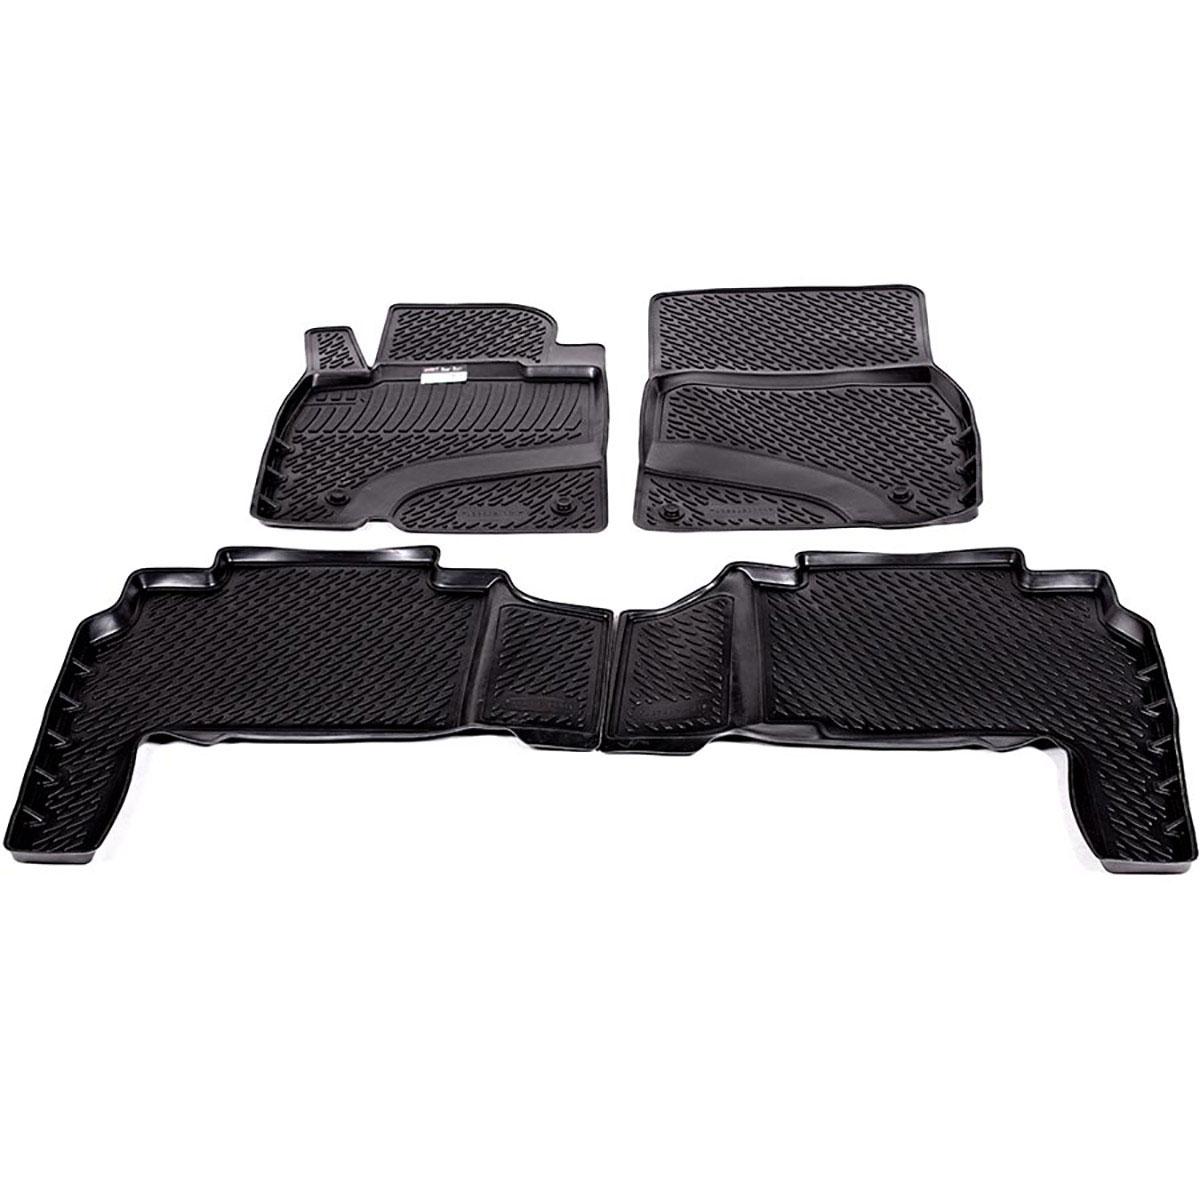 Коврики в салон автомобиля L.Locker, для Lexus LX570 (07-), 4 штFS-80264Коврики L.Locker производятся индивидуально для каждой модели автомобиля из современного и экологически чистого материала. Изделия точно повторяют геометрию пола автомобиля, имеют высокий борт, обладают повышенной износоустойчивостью, антискользящими свойствами, лишены резкого запаха и сохраняют свои потребительские свойства в широком диапазоне температур (от -50°С до +80°С). Рисунок ковриков специально спроектирован для уменьшения скольжения ног водителя и имеет достаточную глубину, препятствующую свободному перемещению жидкости и грязи на поверхности. Одновременно с этим рисунок не создает дискомфорта при вождении автомобиля. Водительский ковер с предустановленными креплениями фиксируется на штатные места в полу салона автомобиля. Новая технология системы креплений герметична, не дает влаге и грязи проникать внутрь через крепеж на обшивку пола.